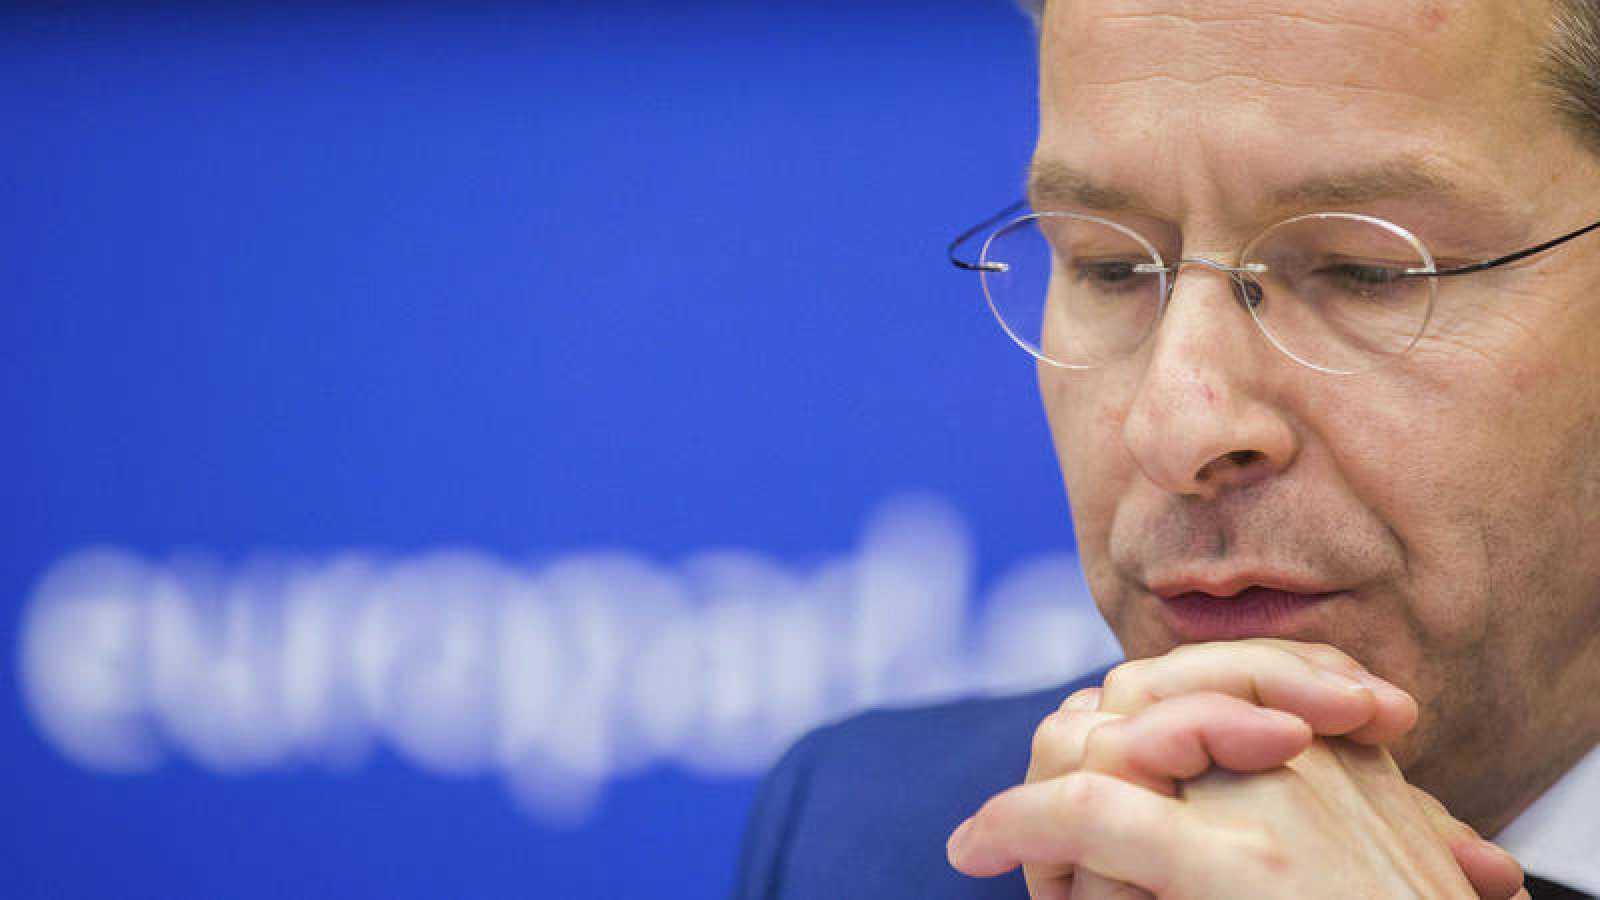 El ministro holandés de Finanzas y presidente del Eurogrupo, Jeroen Dijsselbloem, durante una reunión de los ministros de Economía y Finanzas de la UE en Bruselas (Bélgica).